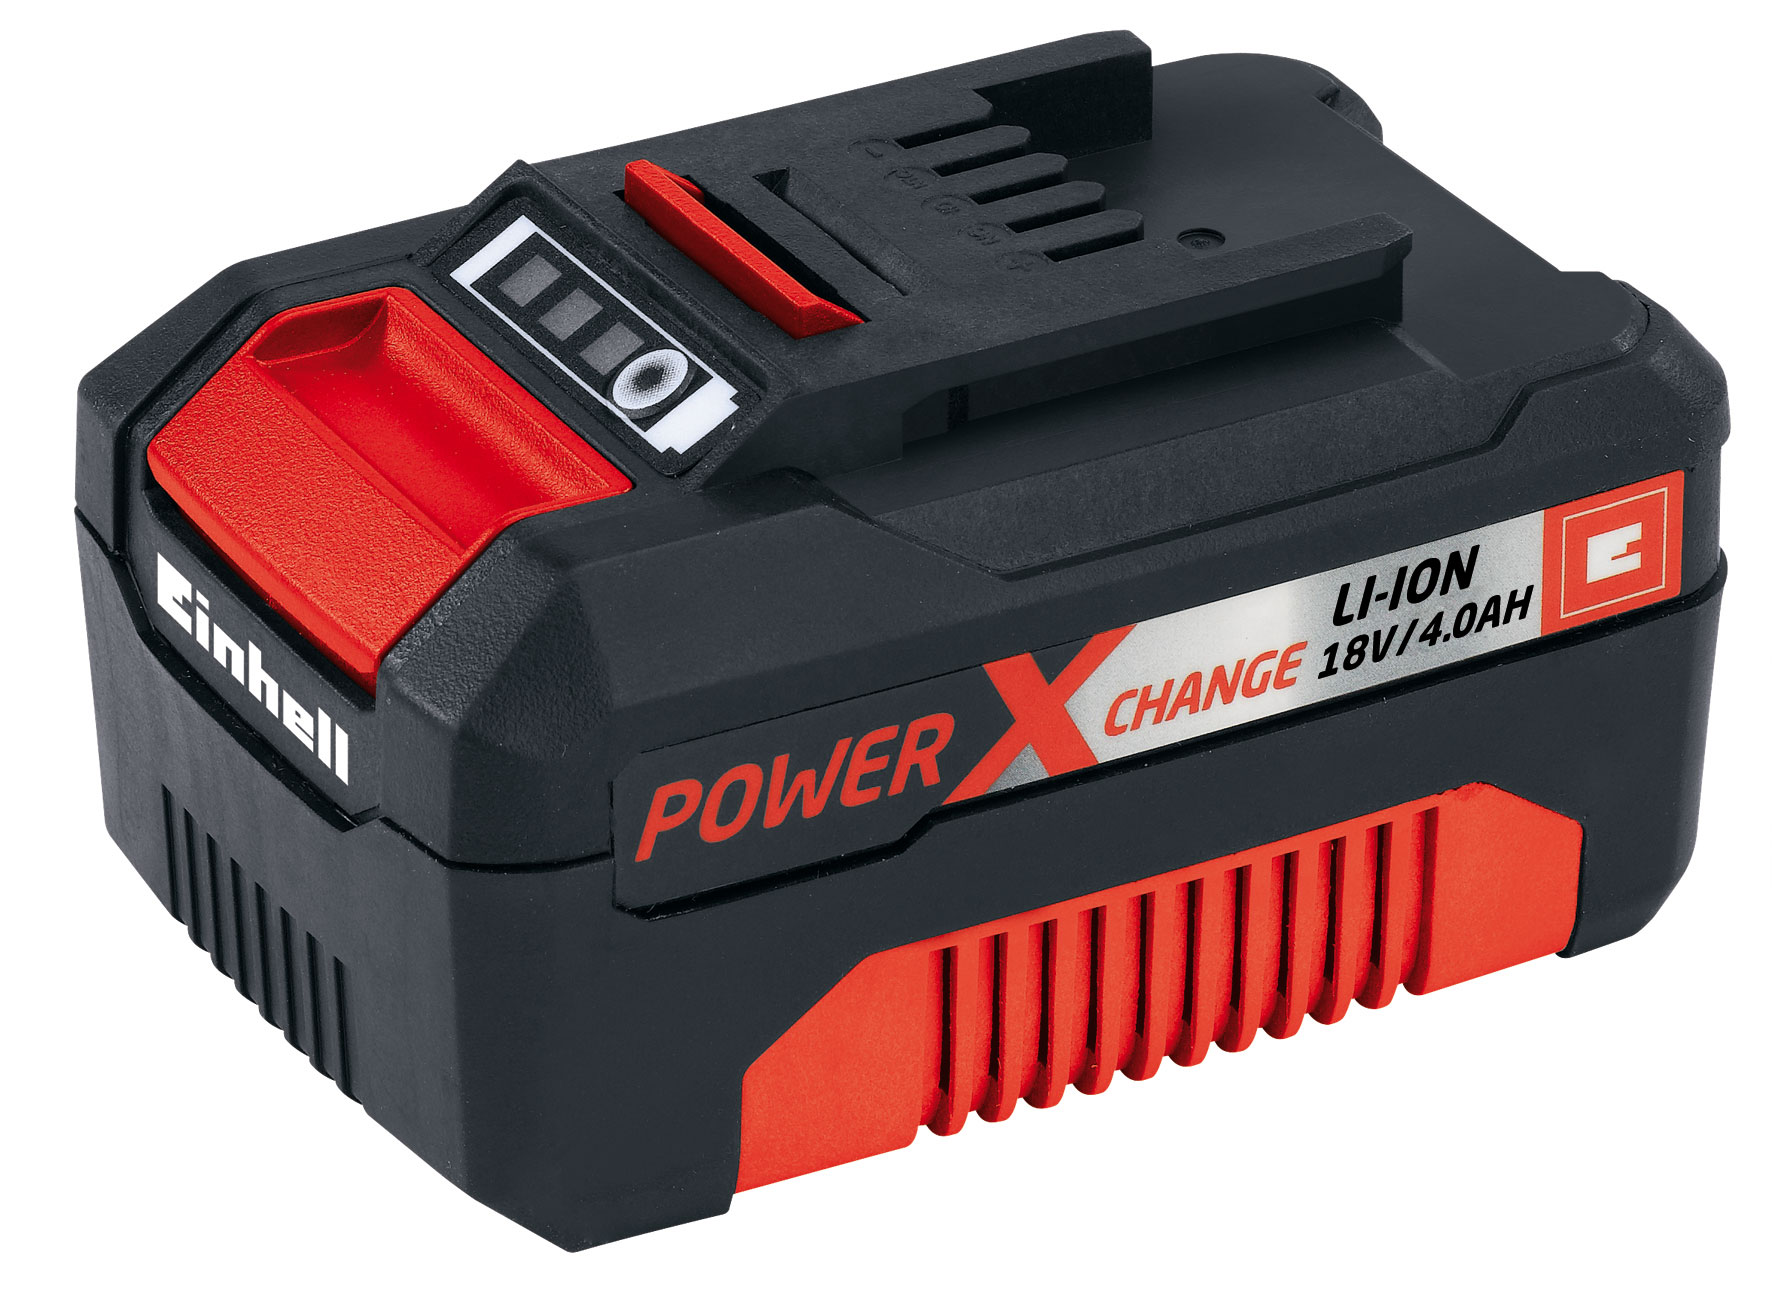 Ersatz Akku Einhell Power-X-Change 18 V 4,0 Ah Bild 1